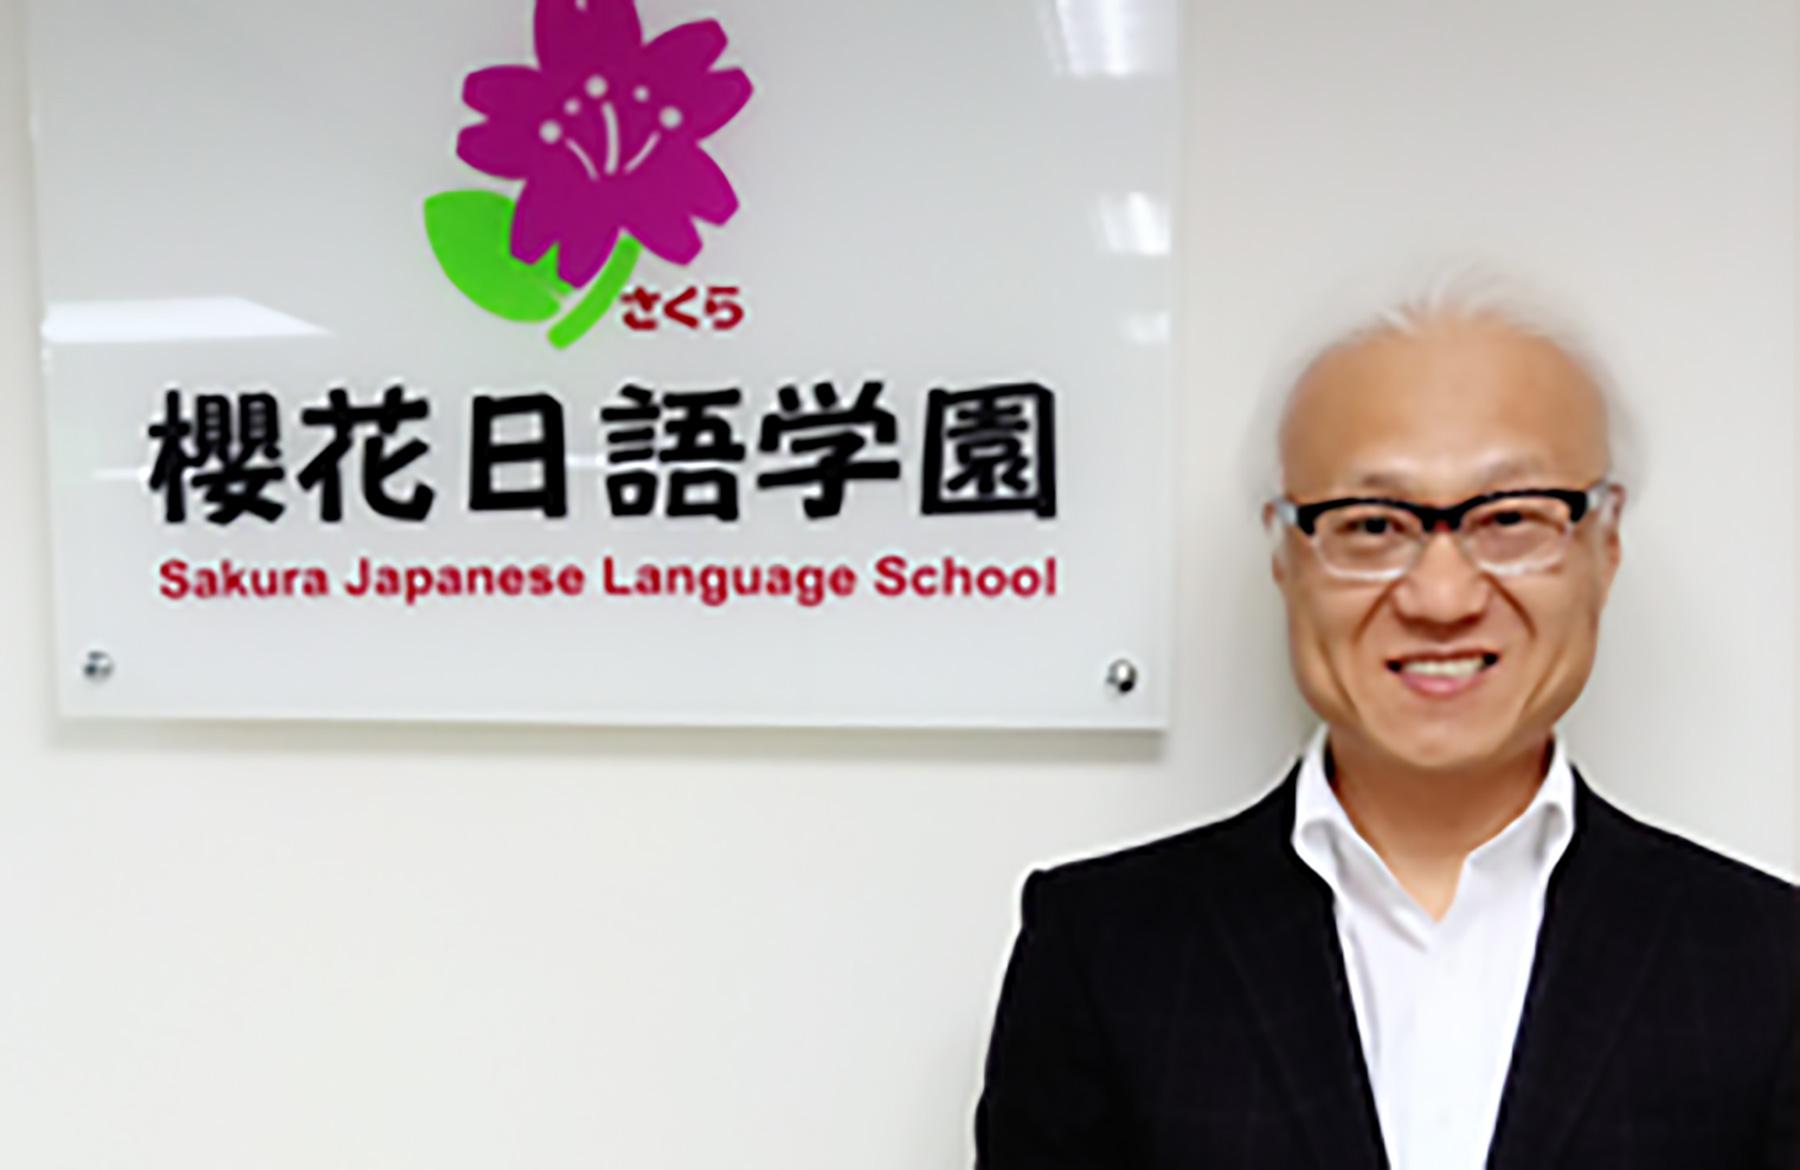 櫻花日語學園